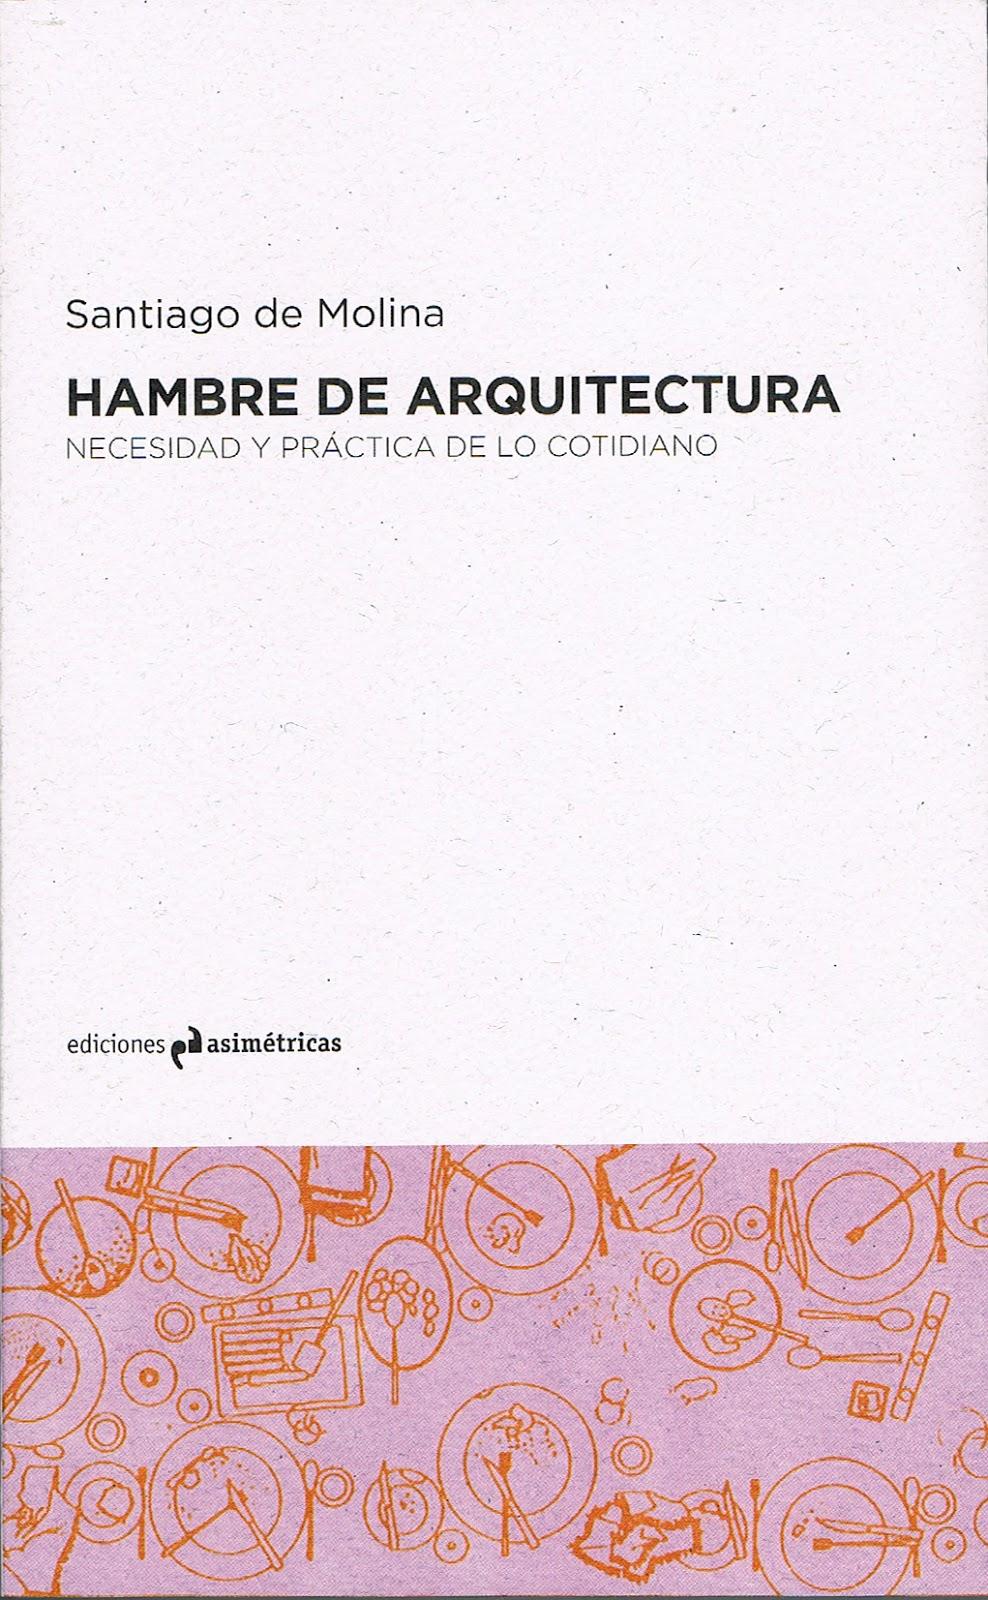 Santiago de molina noticias for Ediciones asimetricas